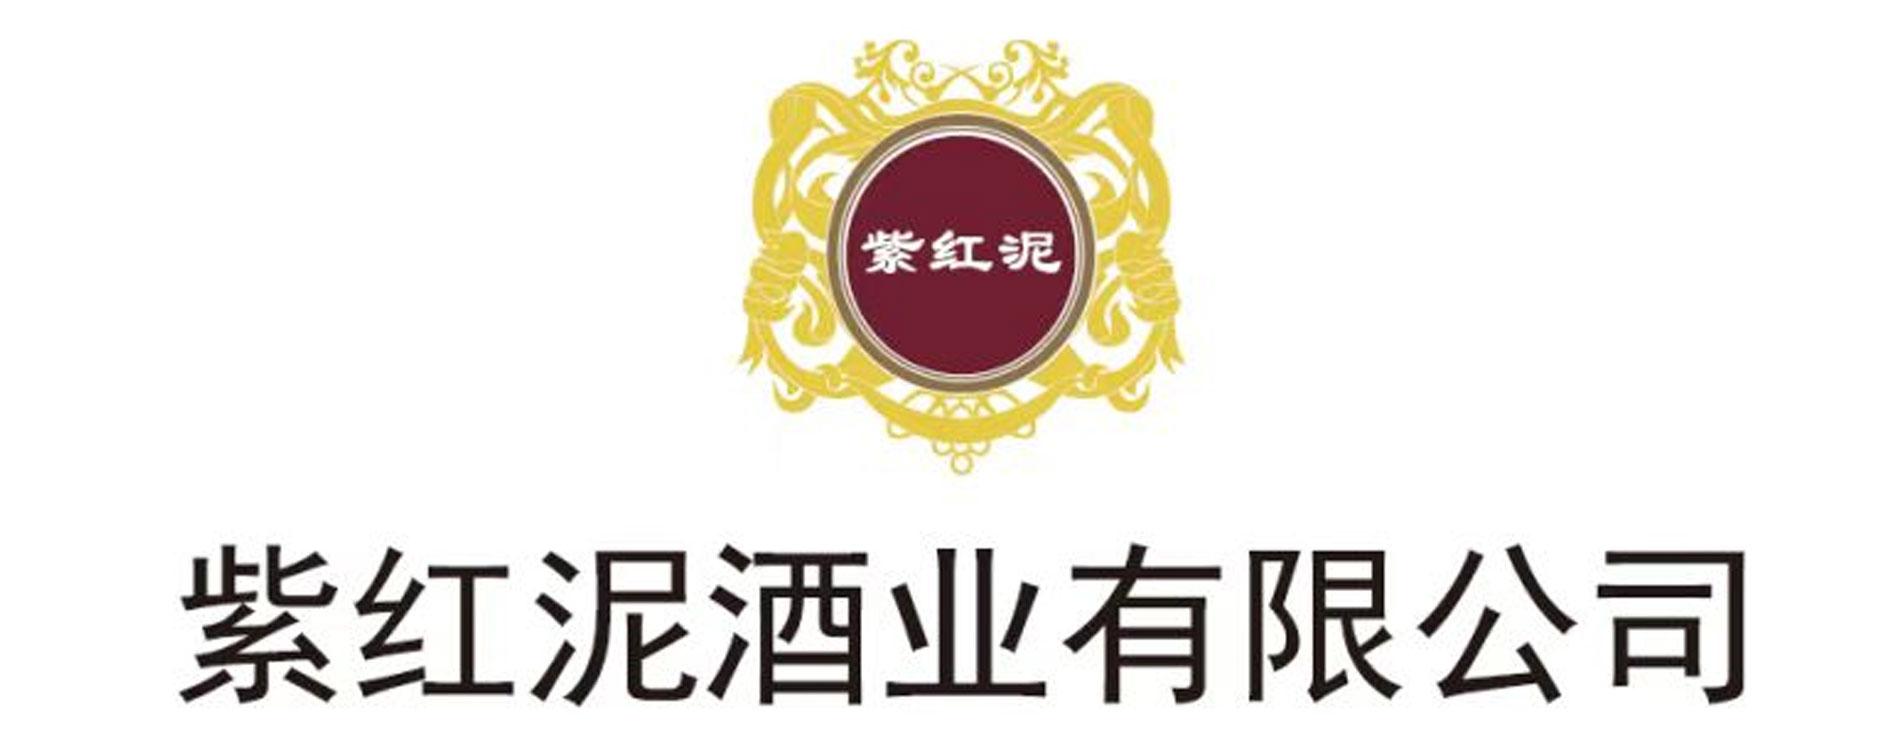 紫紅泥酒業有限公司